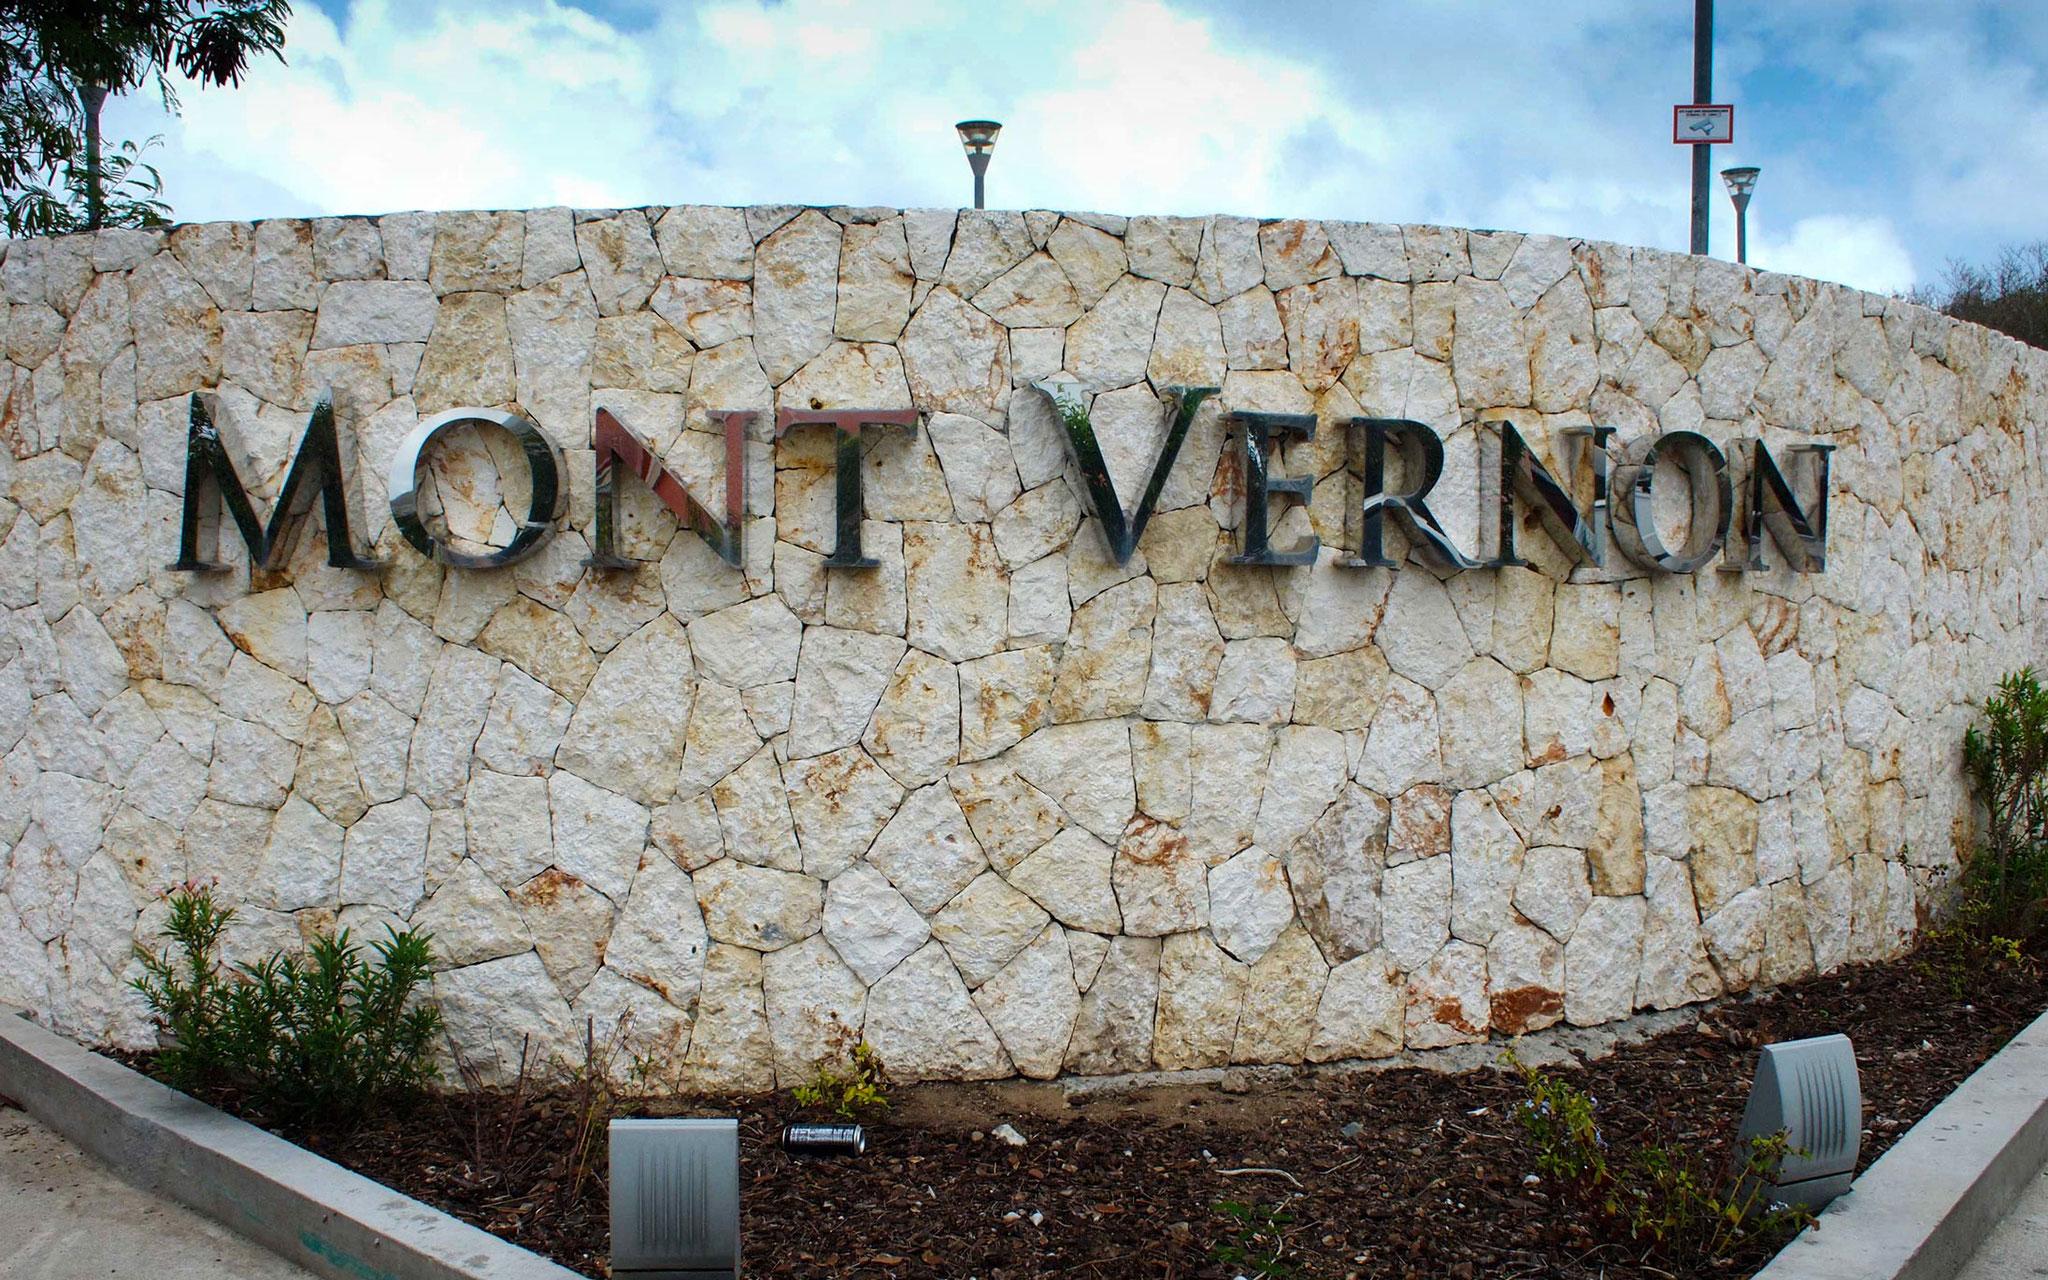 Main entrance Mont Vernon